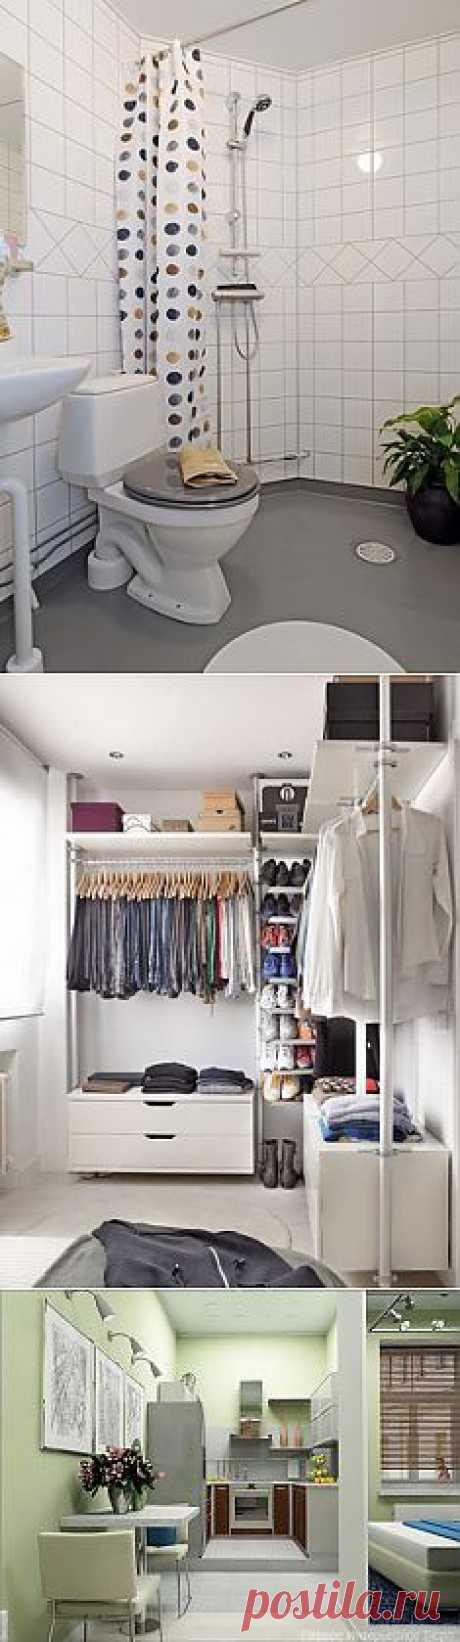 Обустройство маленькой квартиры | МОЯ КВАРТИРА